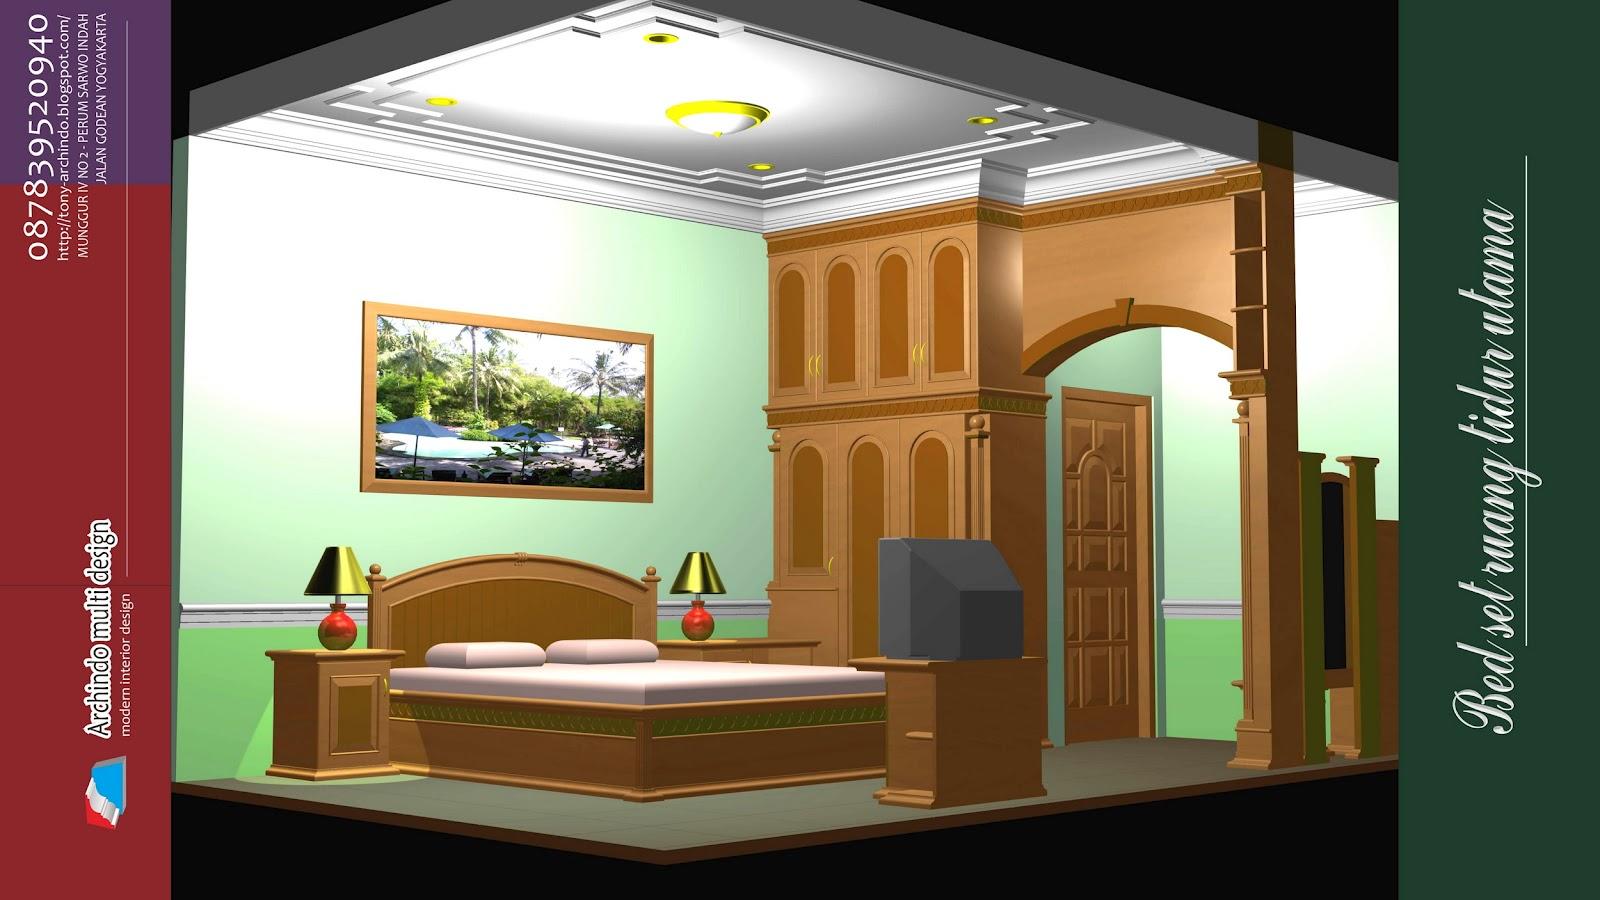 tata furniture dapur apartemen kecil dan rumah kecil